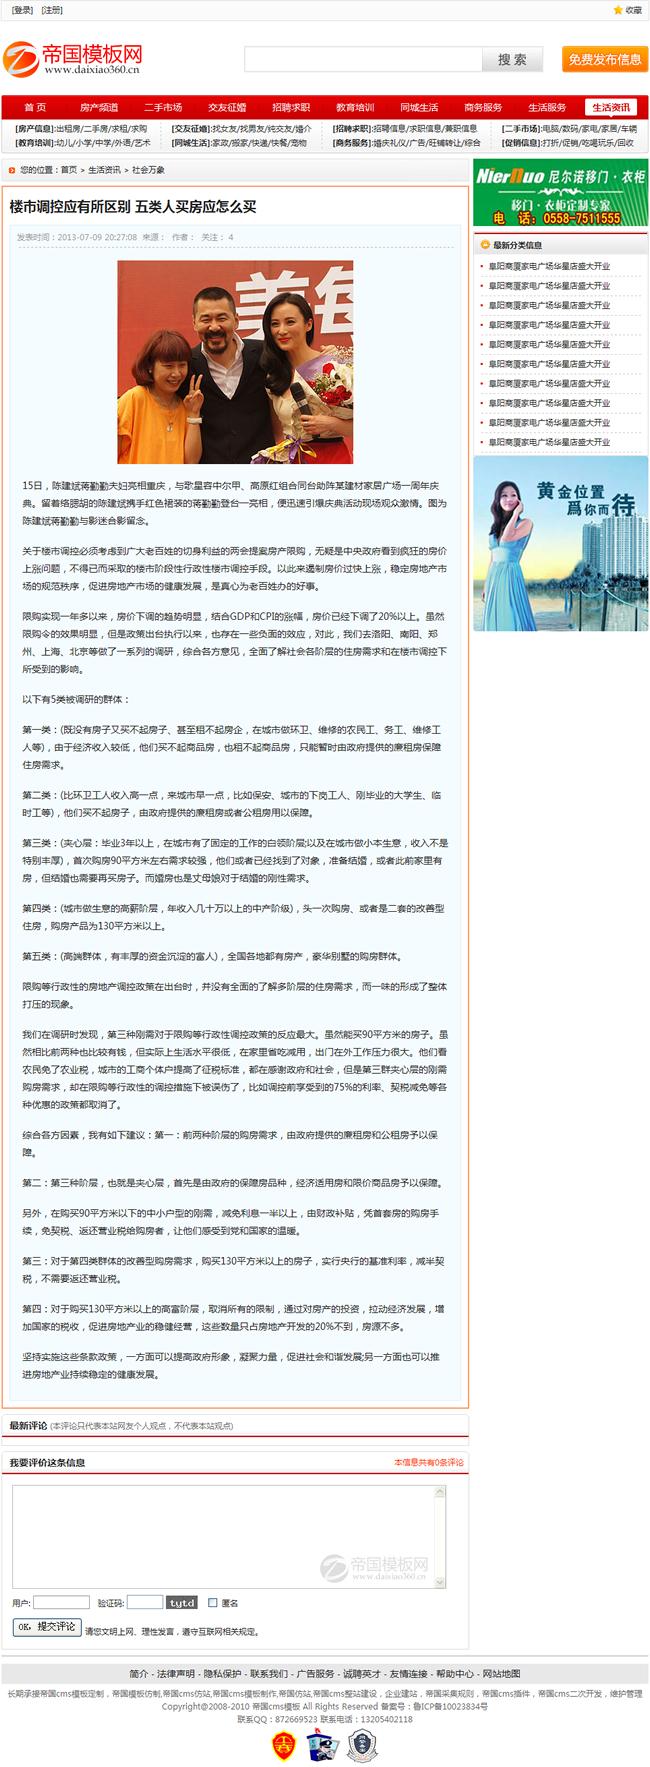 帝国cms分类信息模板地方分类信息门户站源码模板_新闻内容页